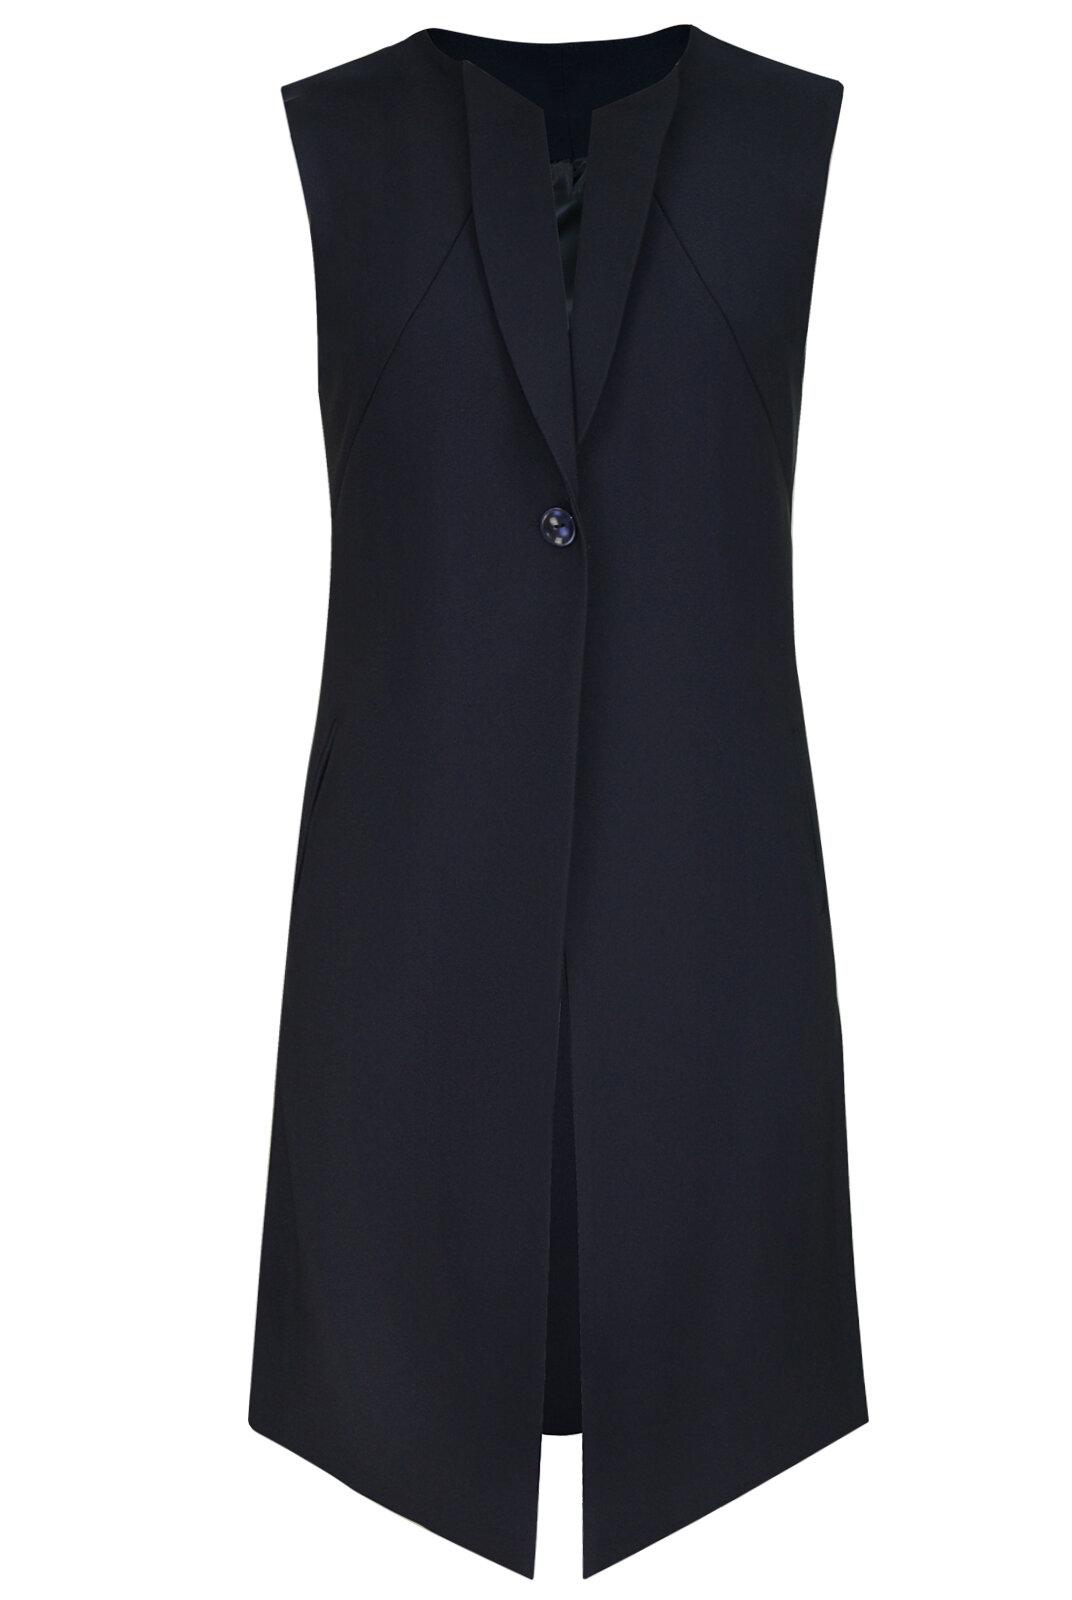 идеальный пиджак без рукавов женский фото выкройка финиковую пальму косточки